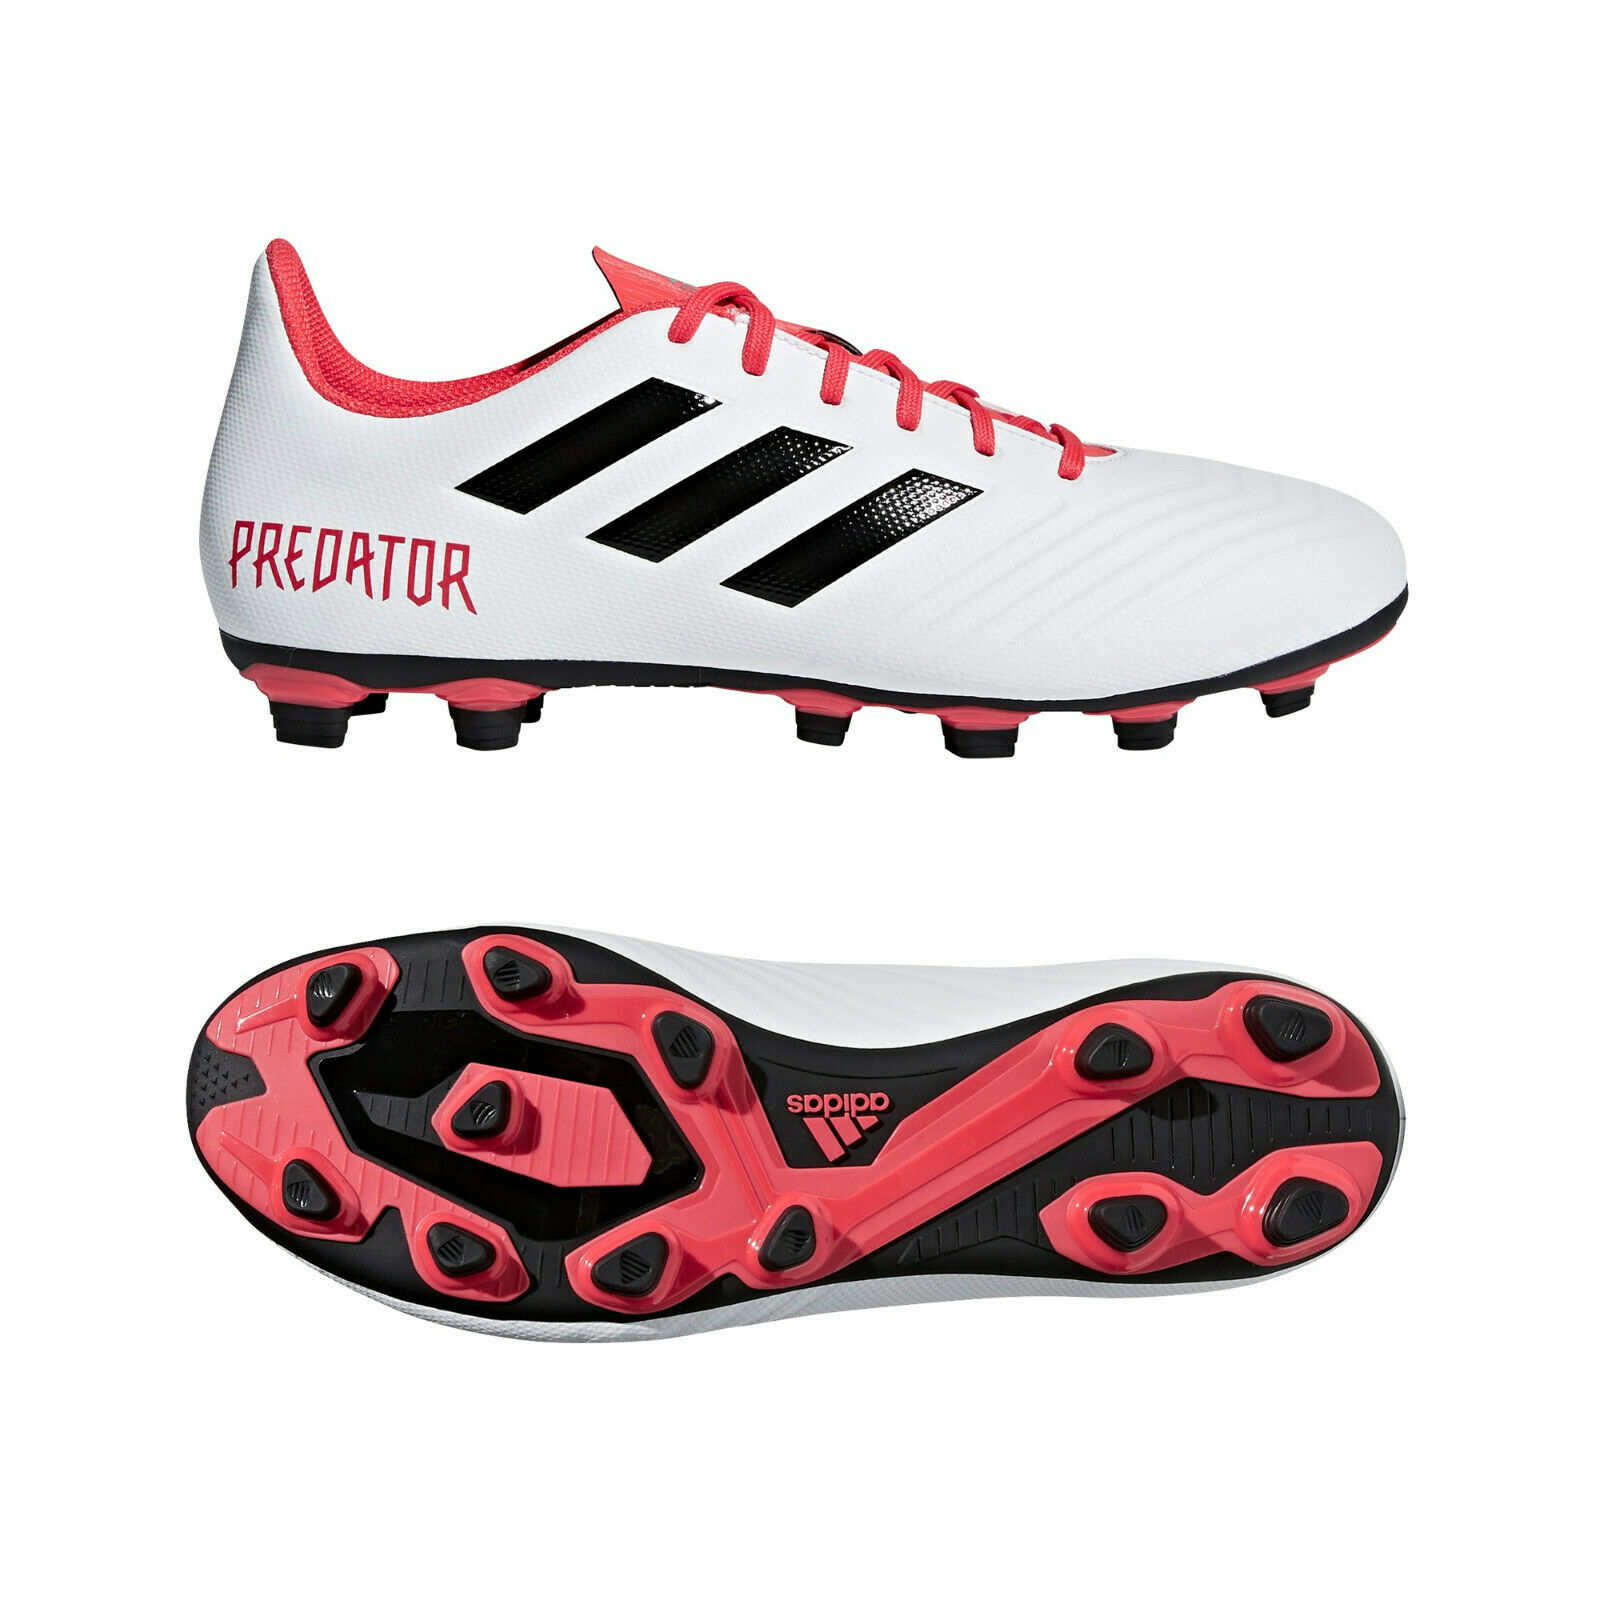 Adidas Protator 18.4 FxG 42-46 Fußballschuh Fußballschuh Fußballschuh Flexible Ground weiß rot schwarz NEU    Reichhaltiges Design  a3f052